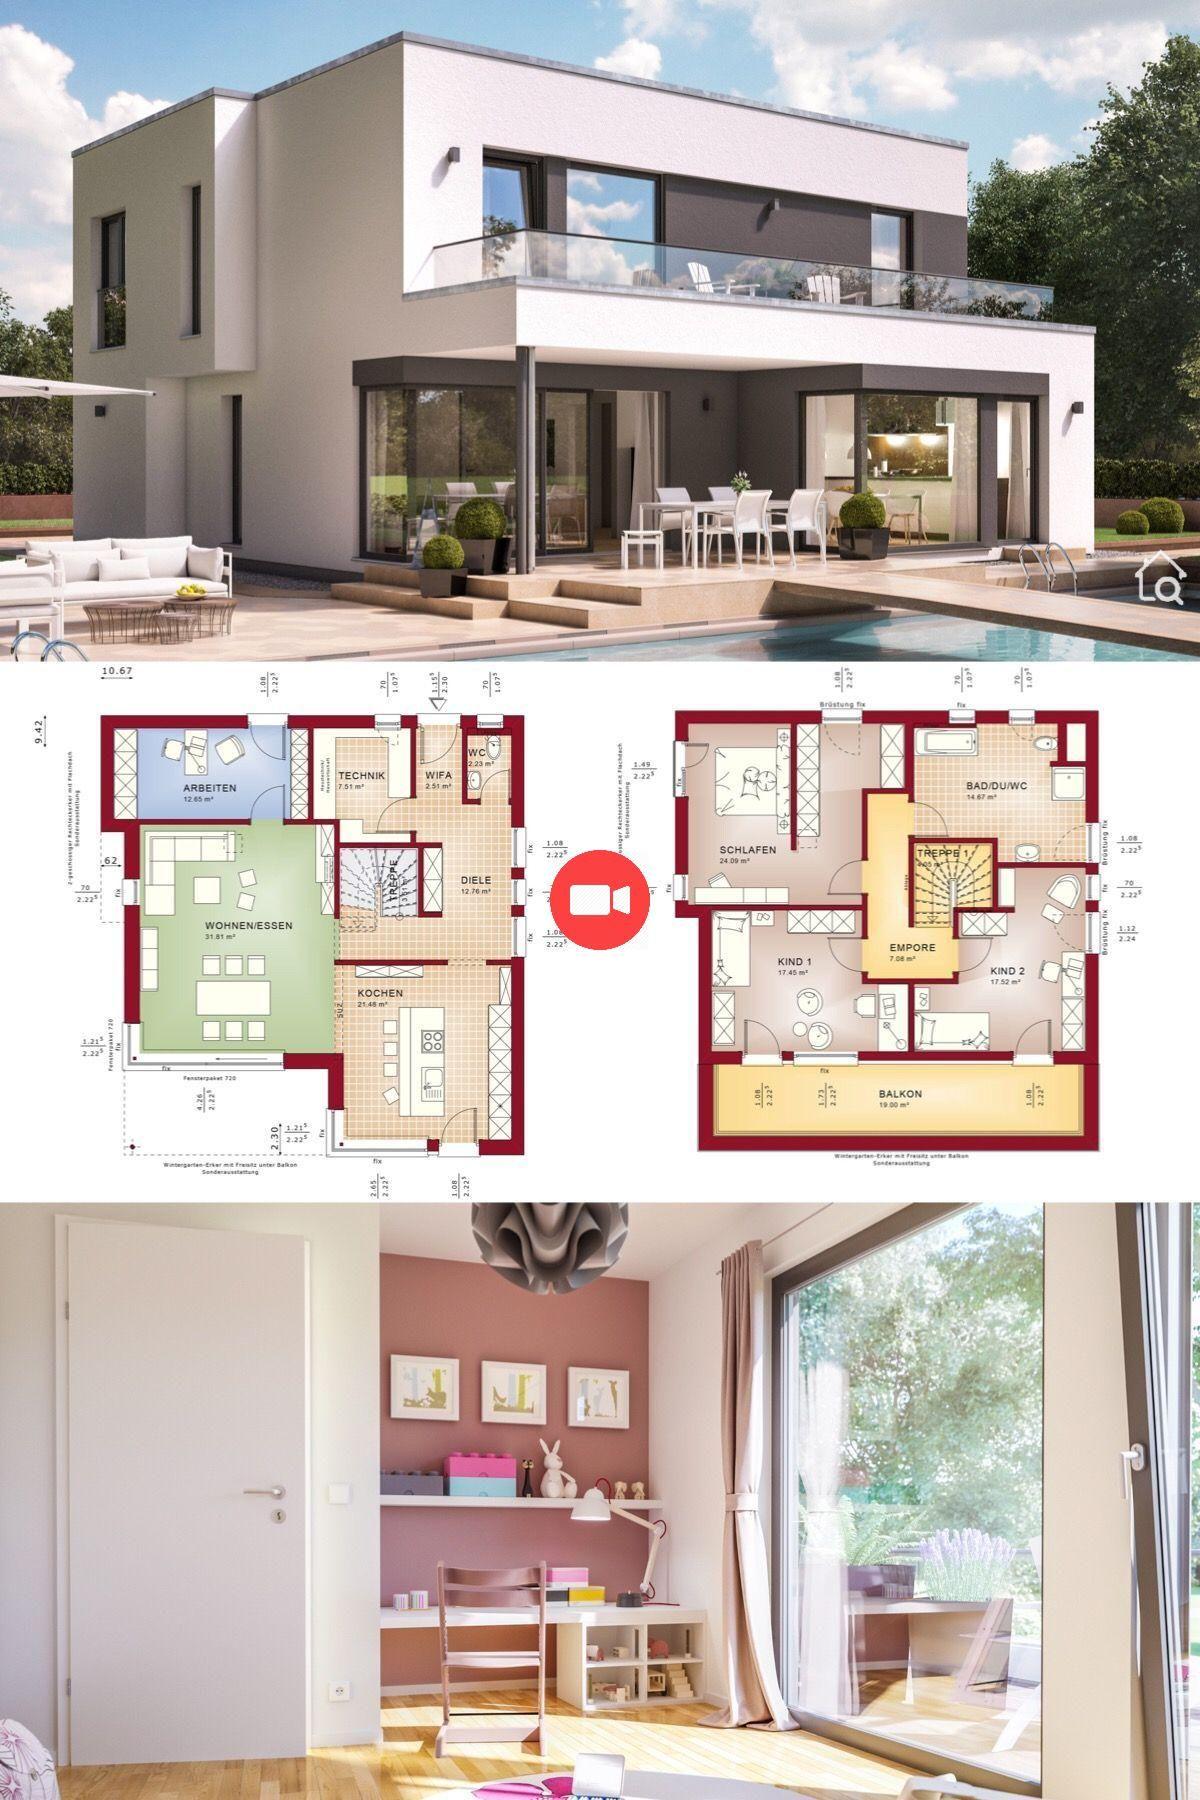 Villa De La Maison Moderne Dans Le Style Bauhaus A Toit Plat D